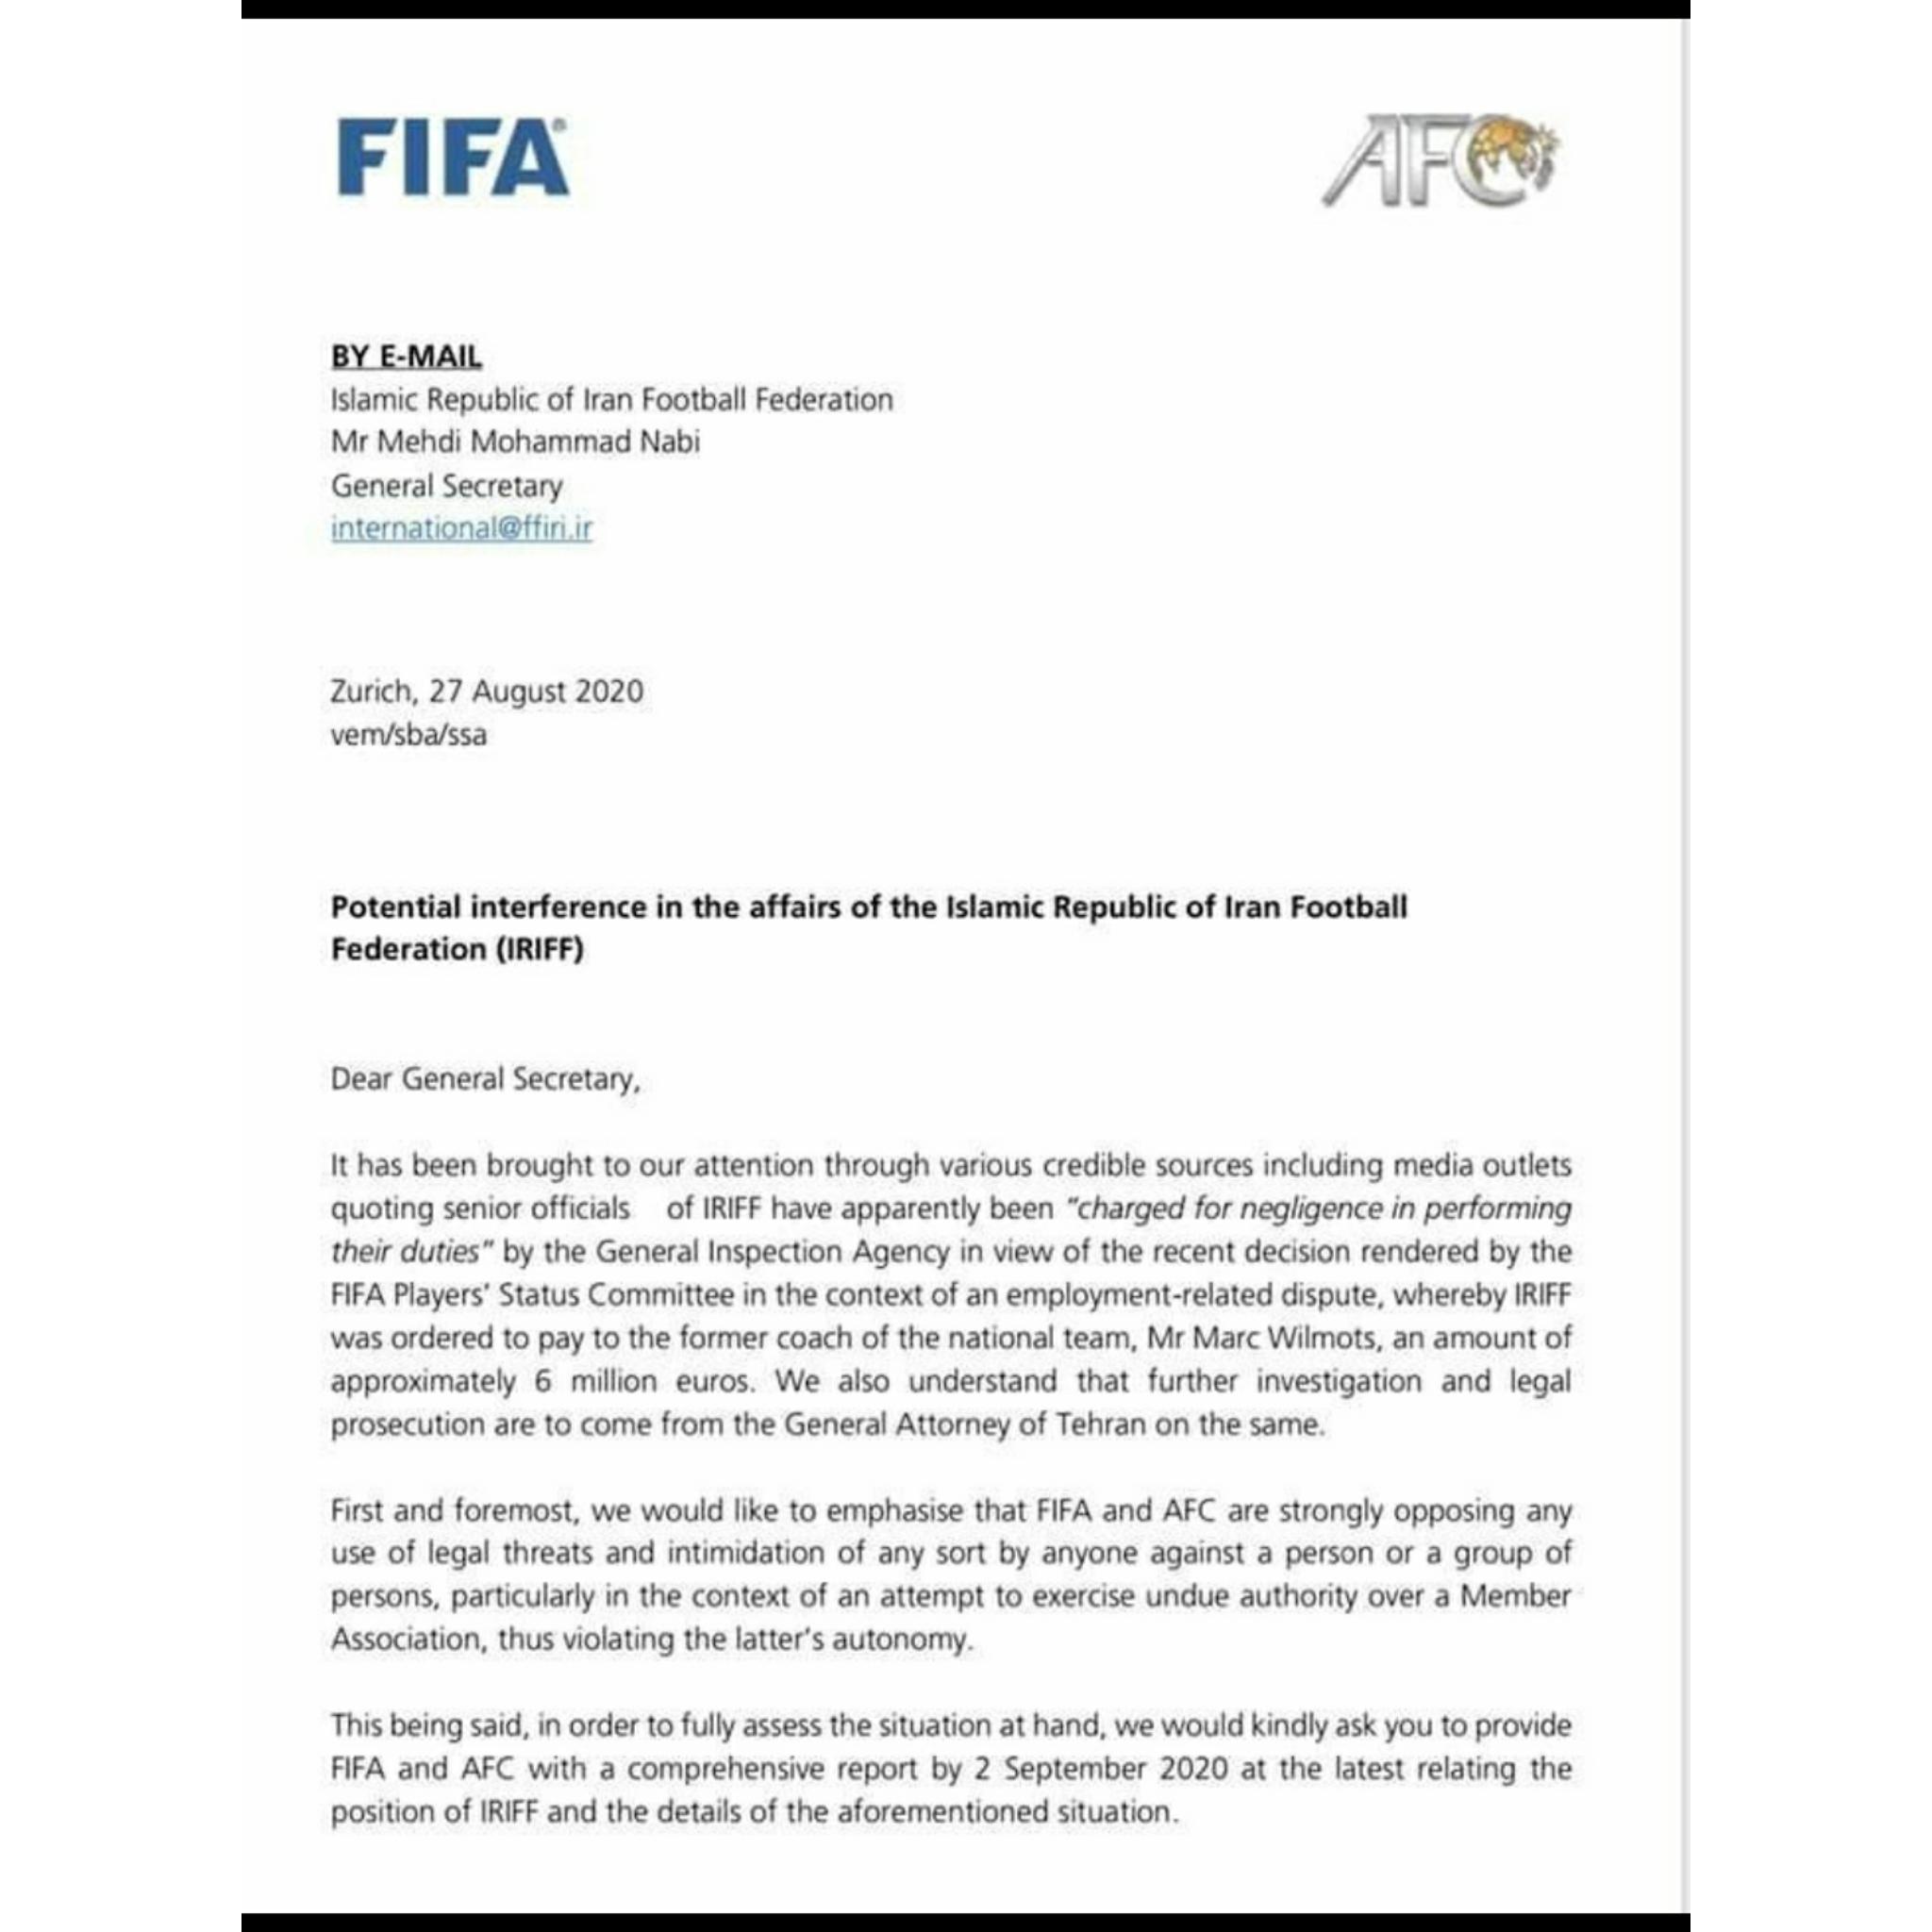 نامه تهدید فیفا علیه ایران در دفاع از افتضاح تاج و رفقا / مصادره اموال مقصران در غرامت ویلموتس کار را به جاسوسی کشاند!